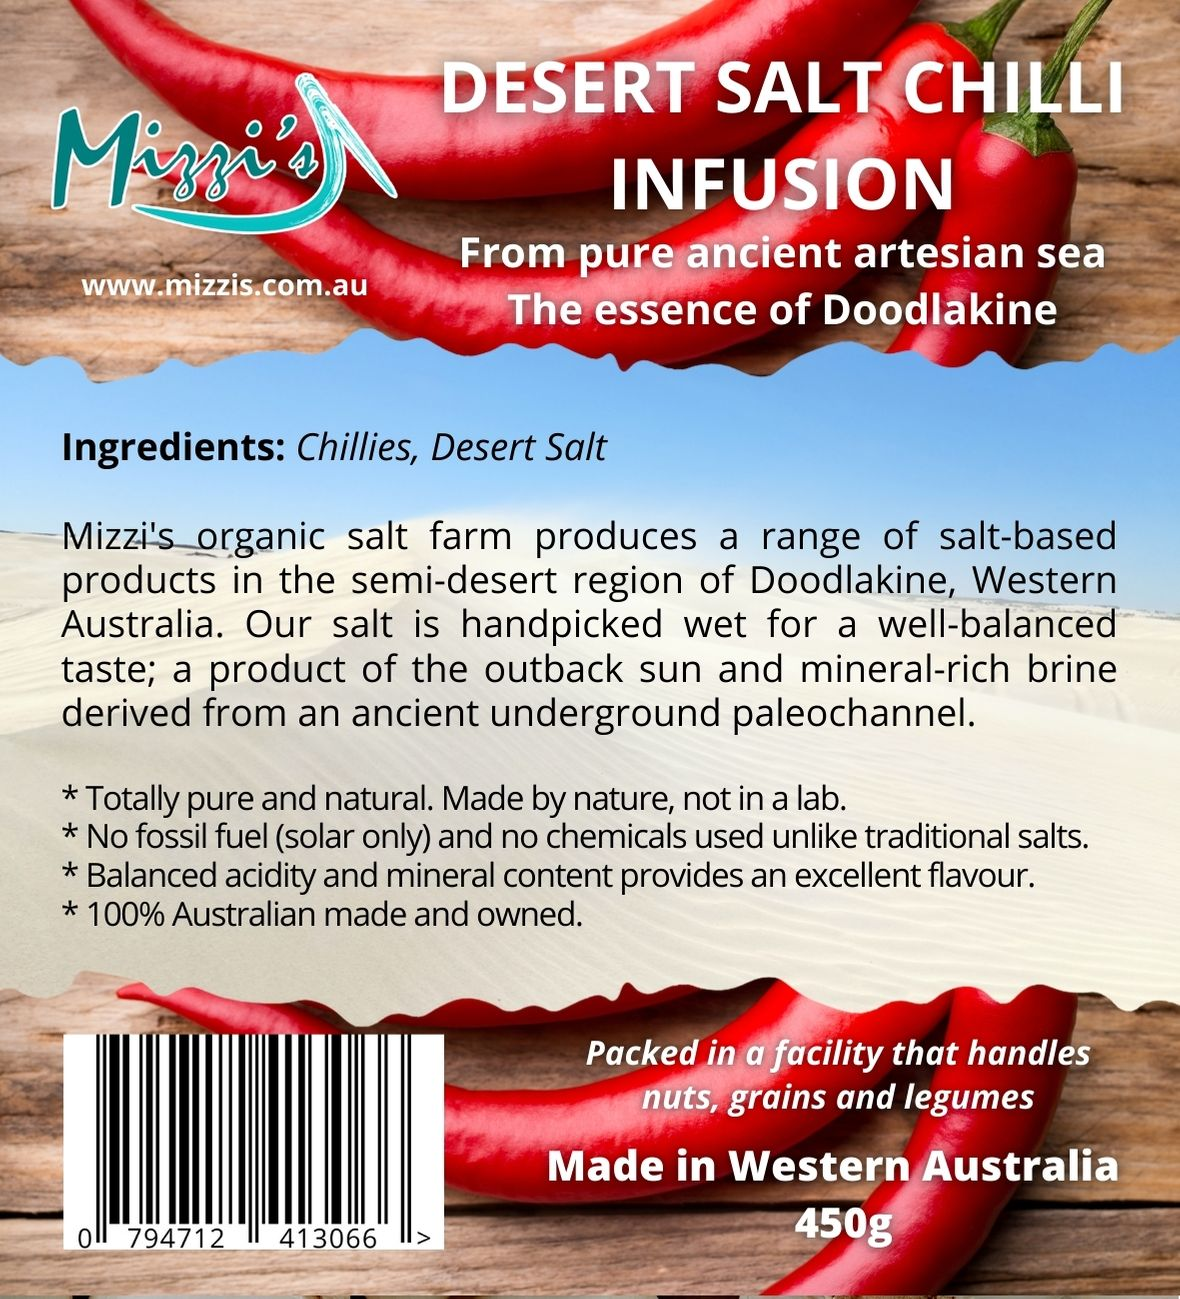 Chilli Desert Salt Infusion – 450g